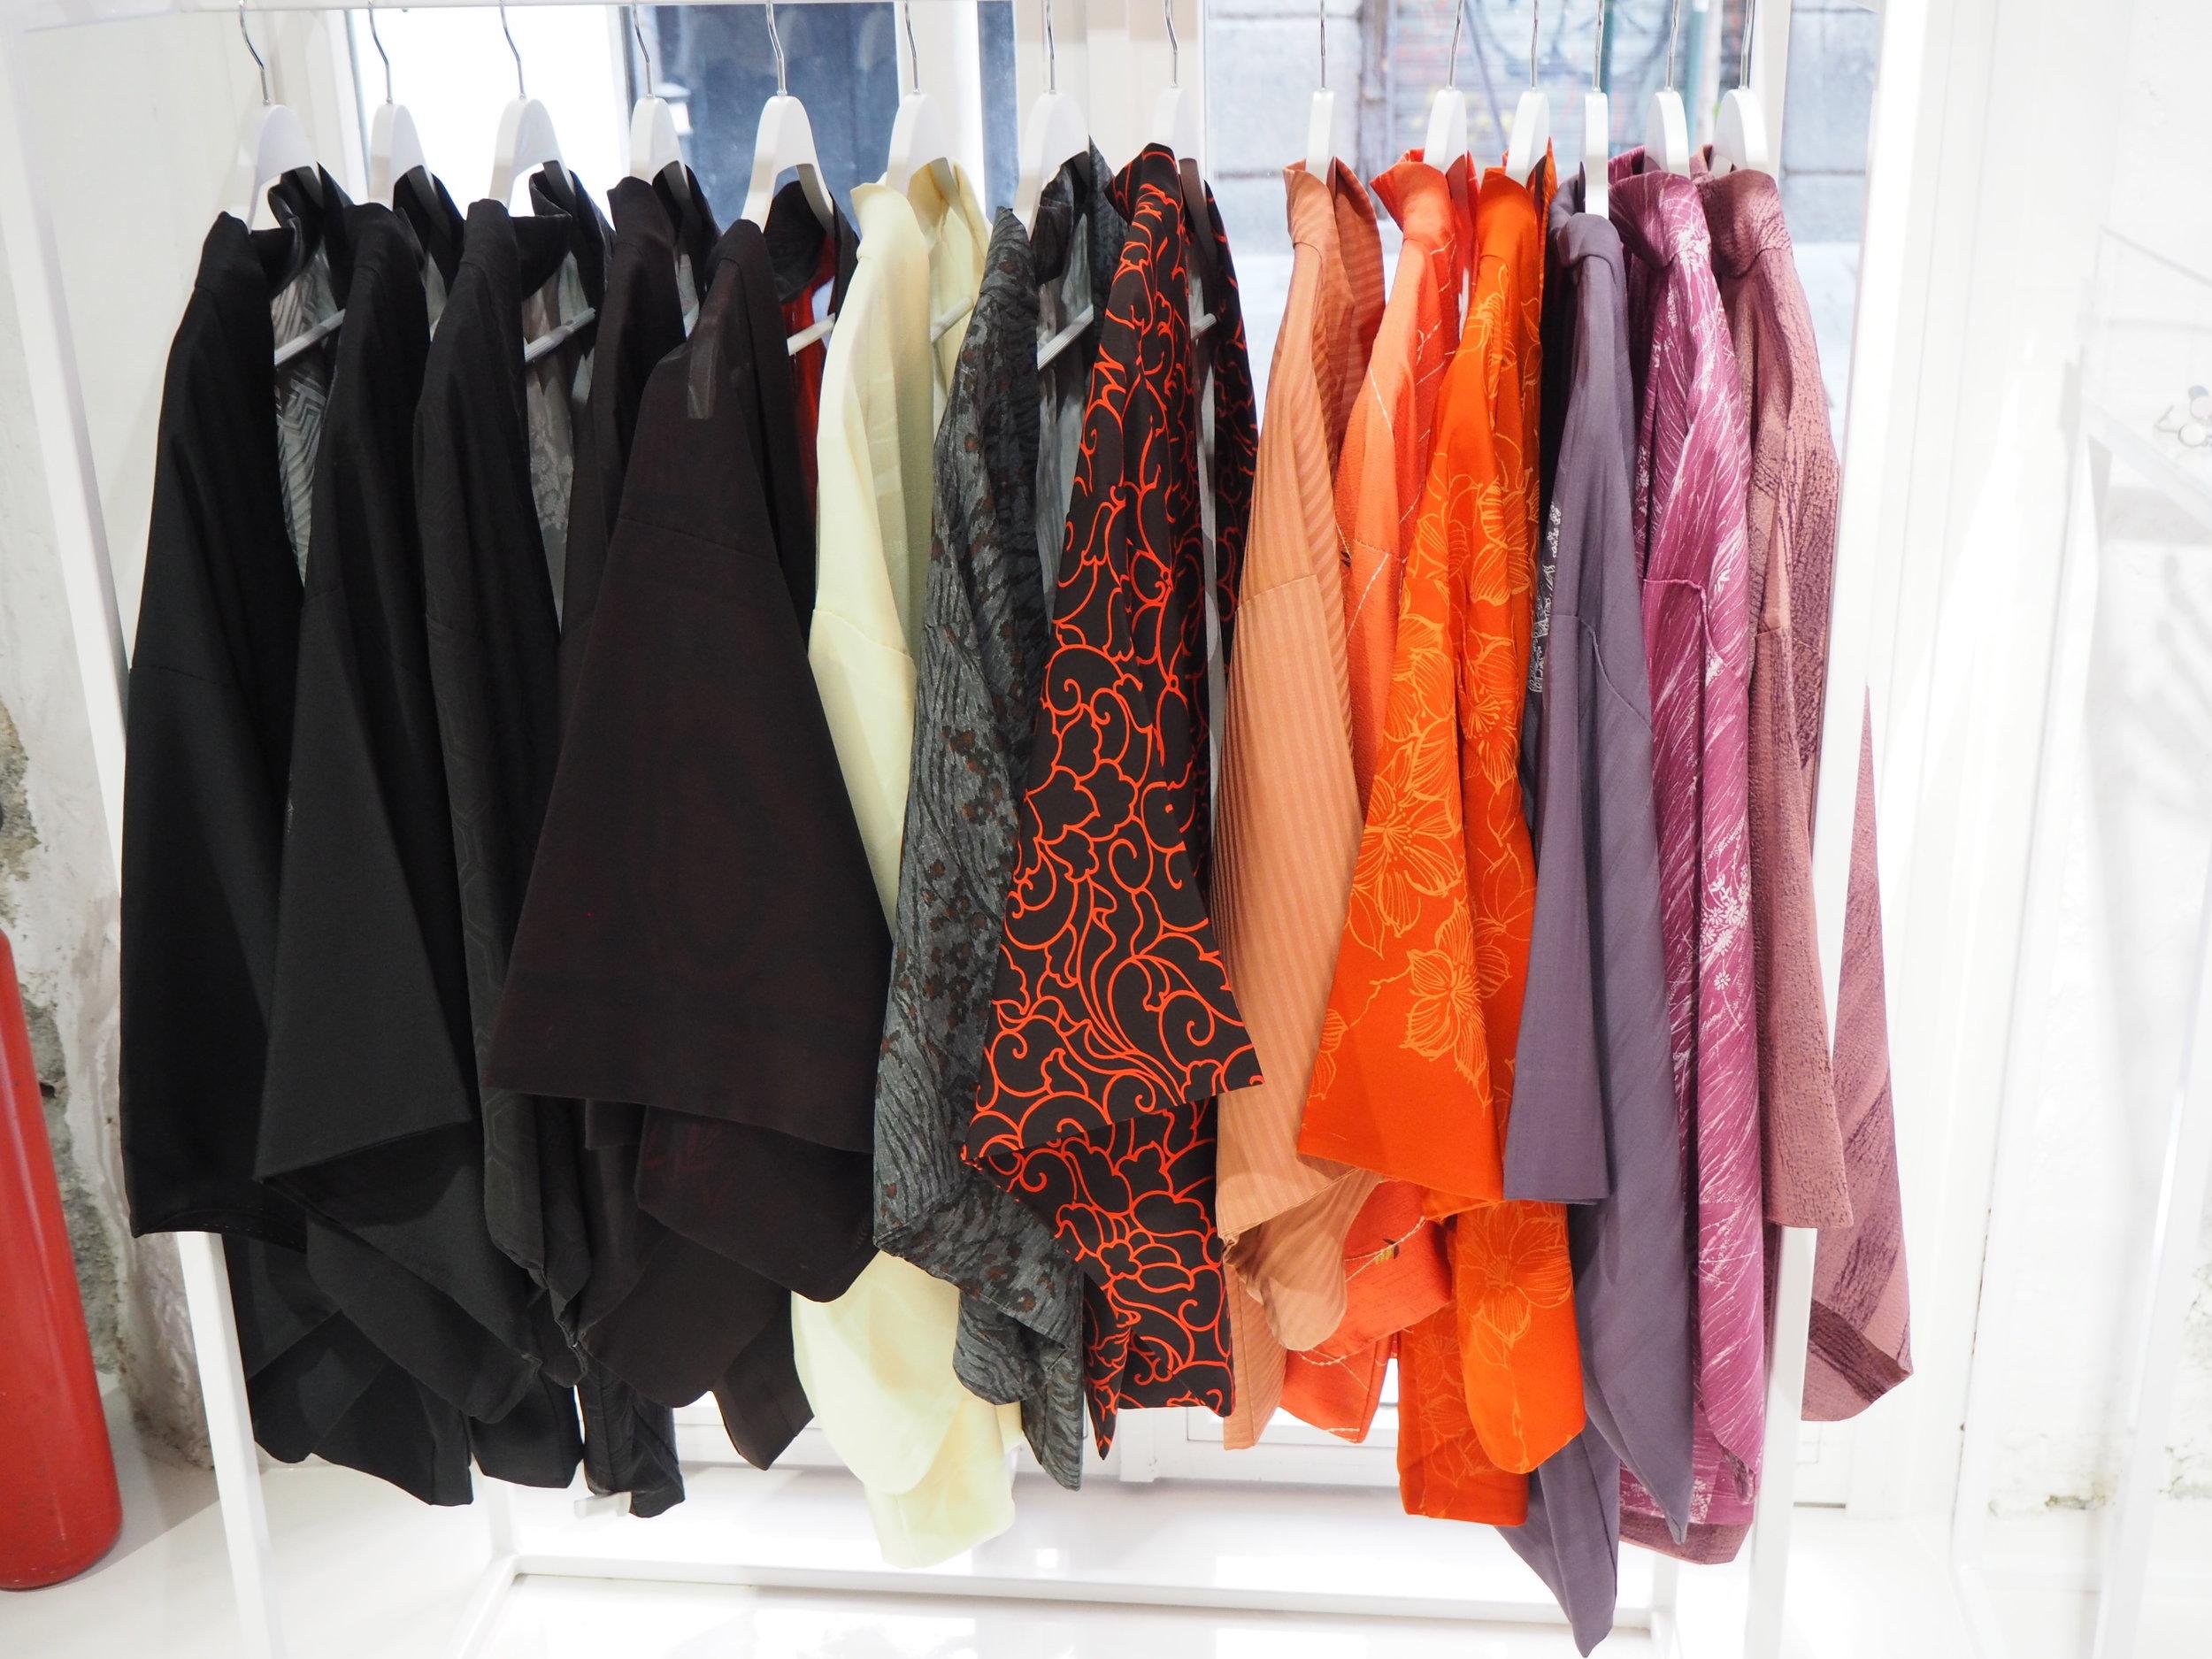 tiendas-ropa-madrid-originales-kimonos.JPG